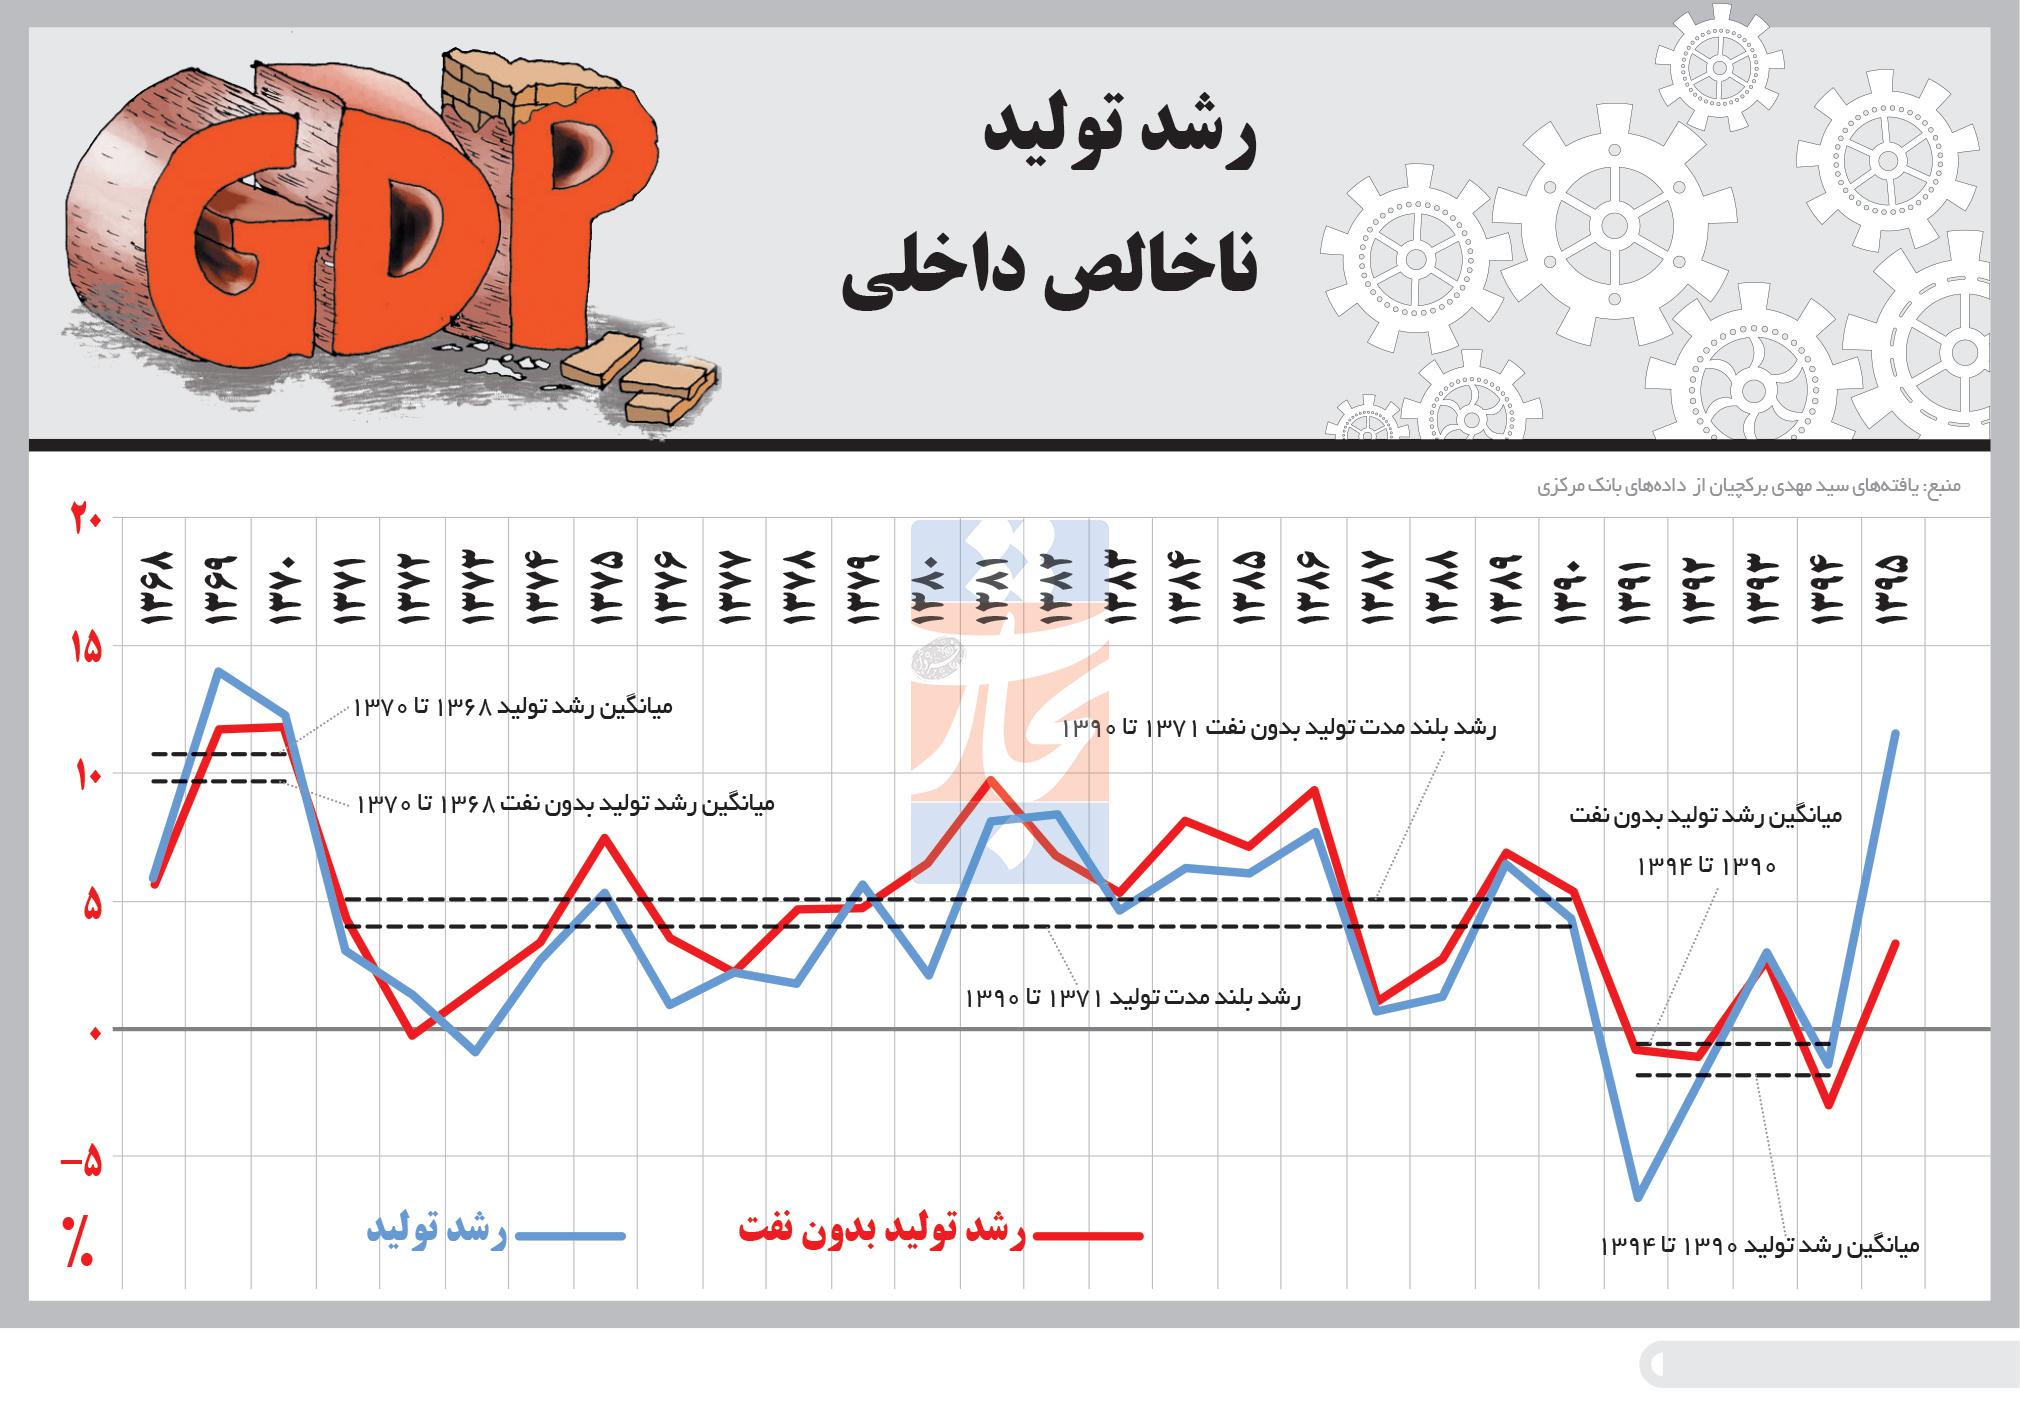 تجارت- فردا- رشد تولید ناخالص داخلی(اینفوگرافیک)